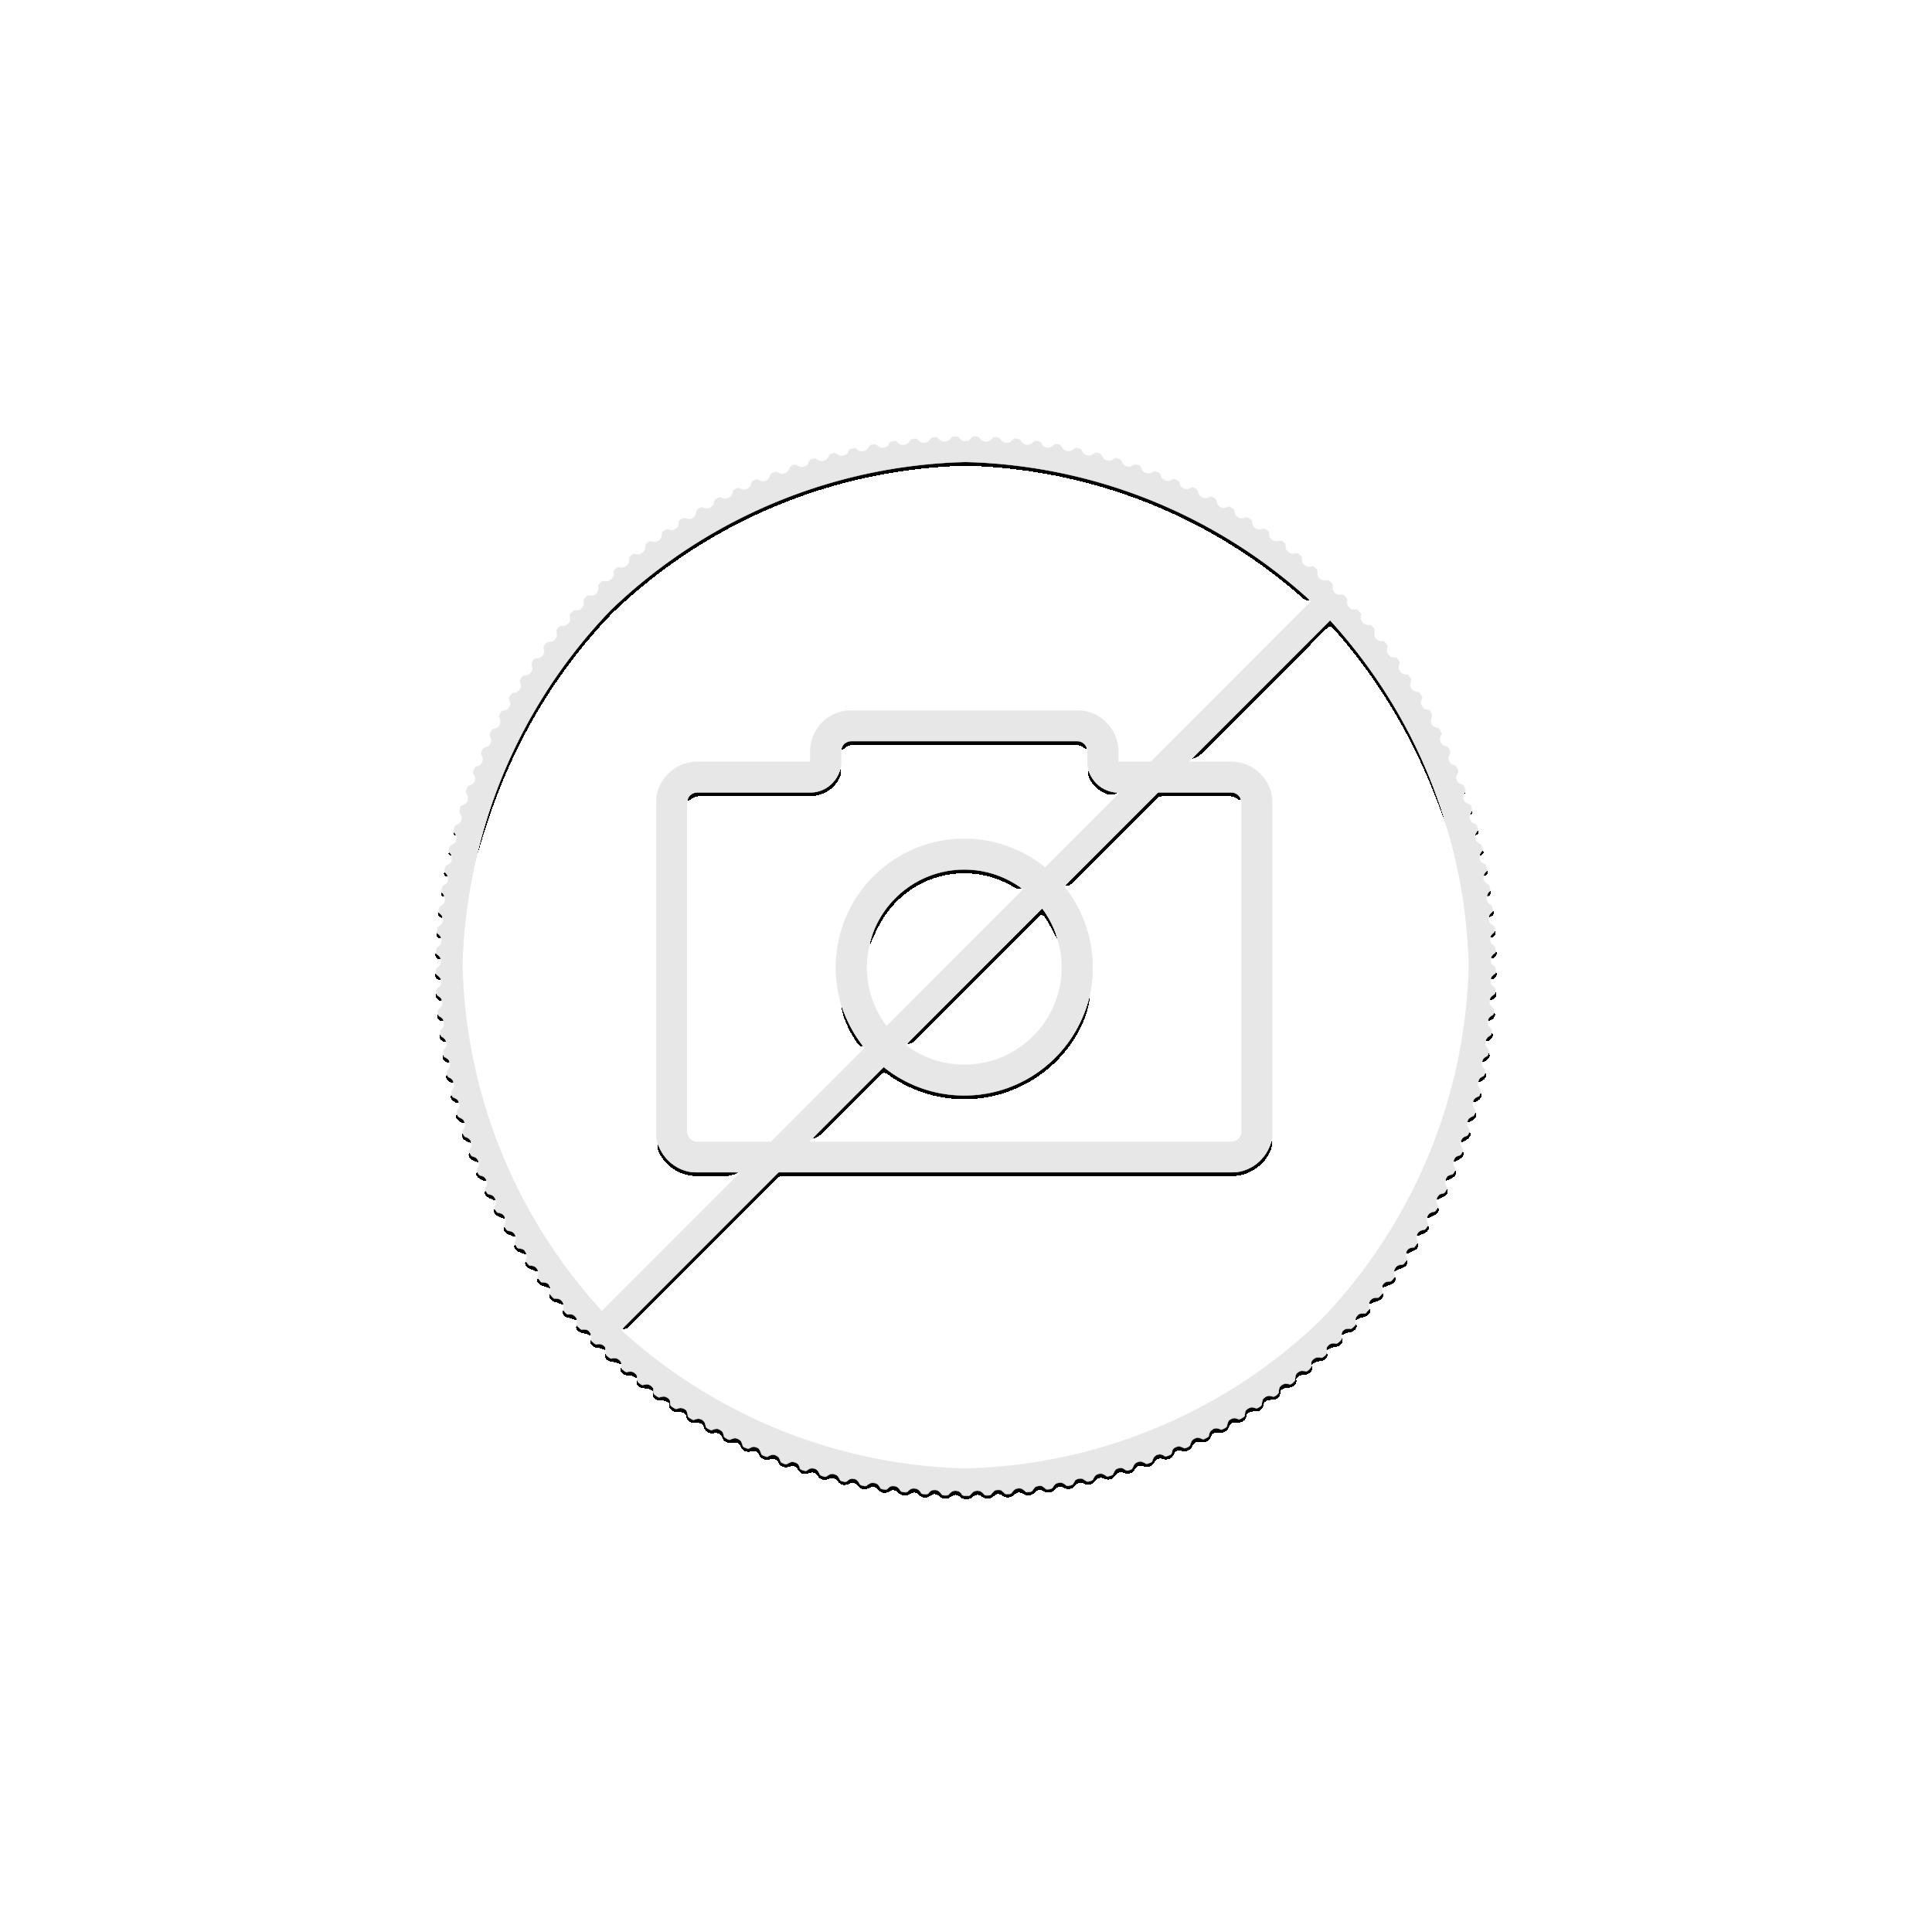 Box of 10x Leuchtturm protective Quadrum coin capsules 38 mm